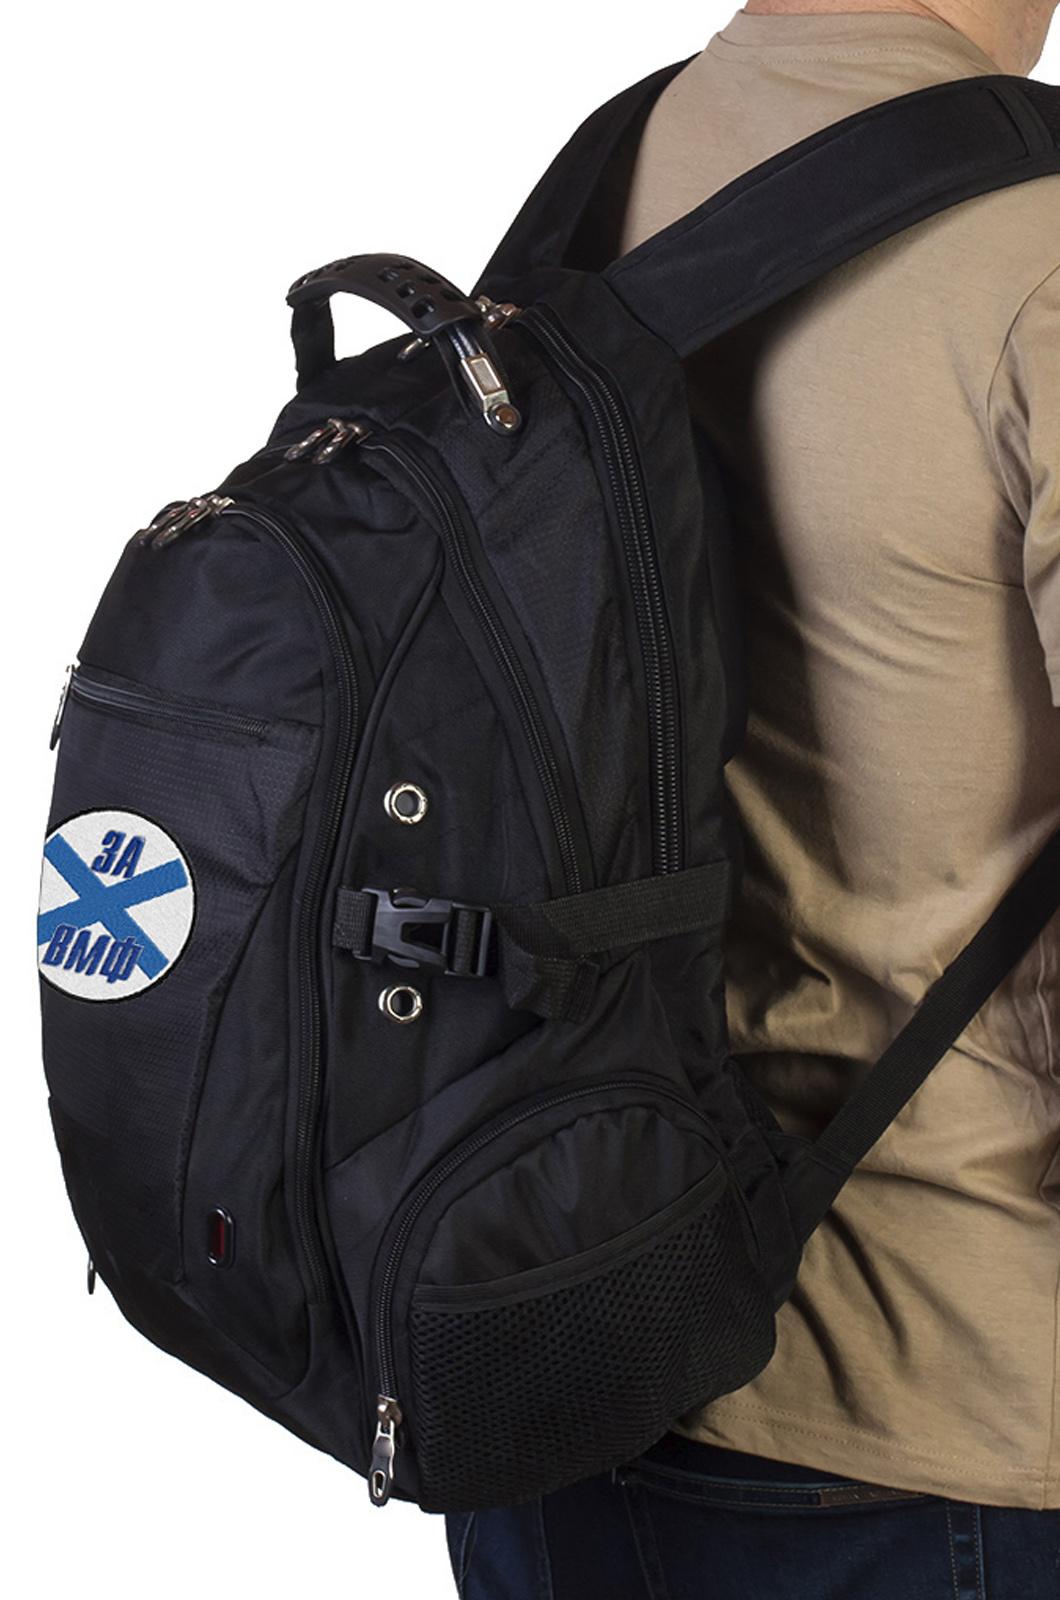 Практичный черный рюкзак с нашивкой ЗА ВМФ! купить с доставкой